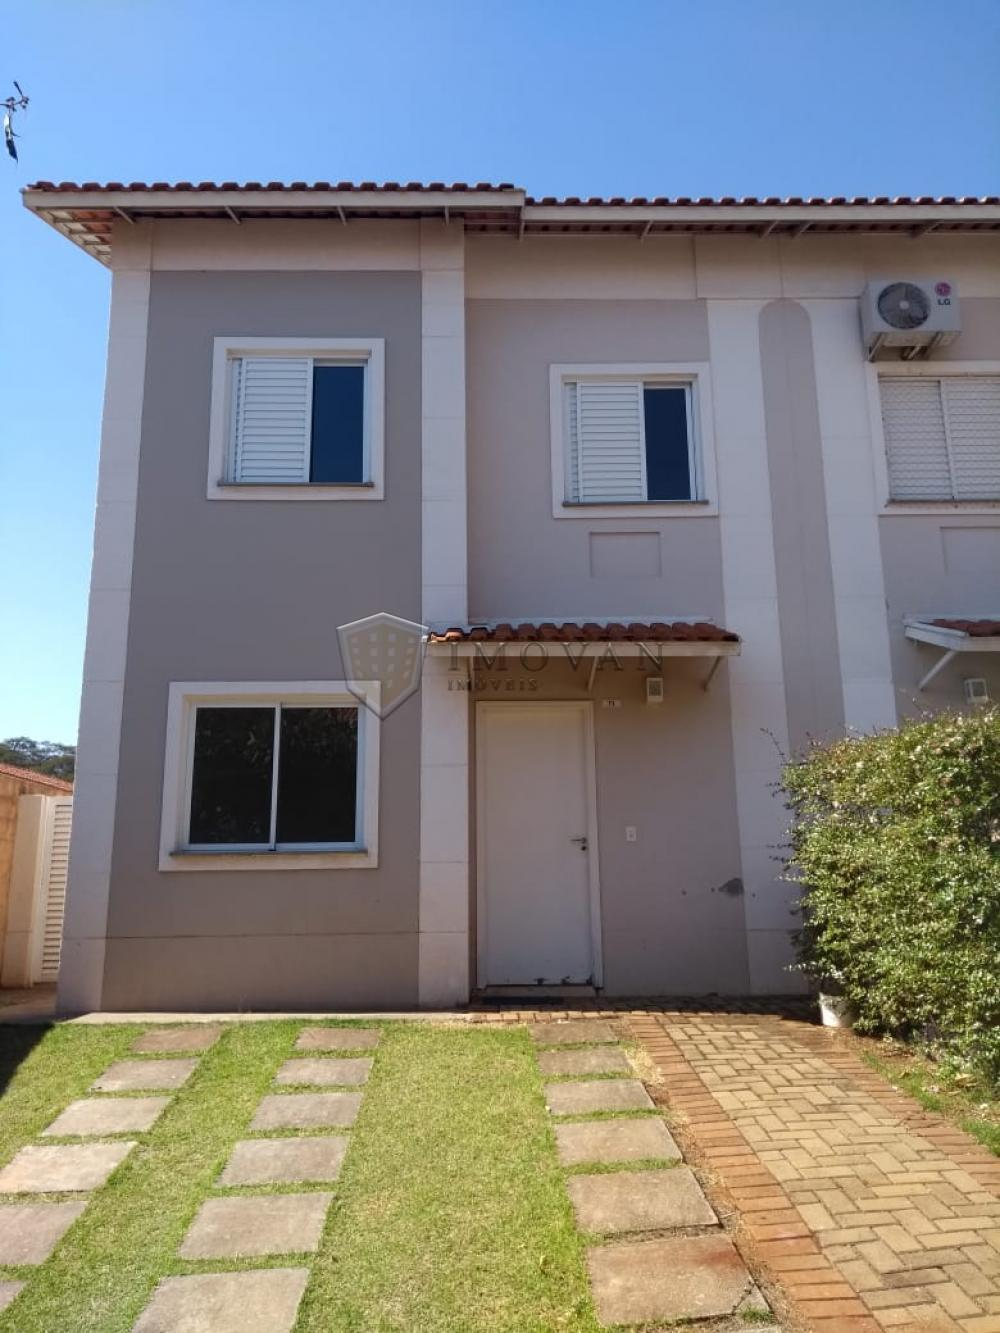 Comprar Casa / Condomínio em Ribeirão Preto apenas R$ 400.000,00 - Foto 1